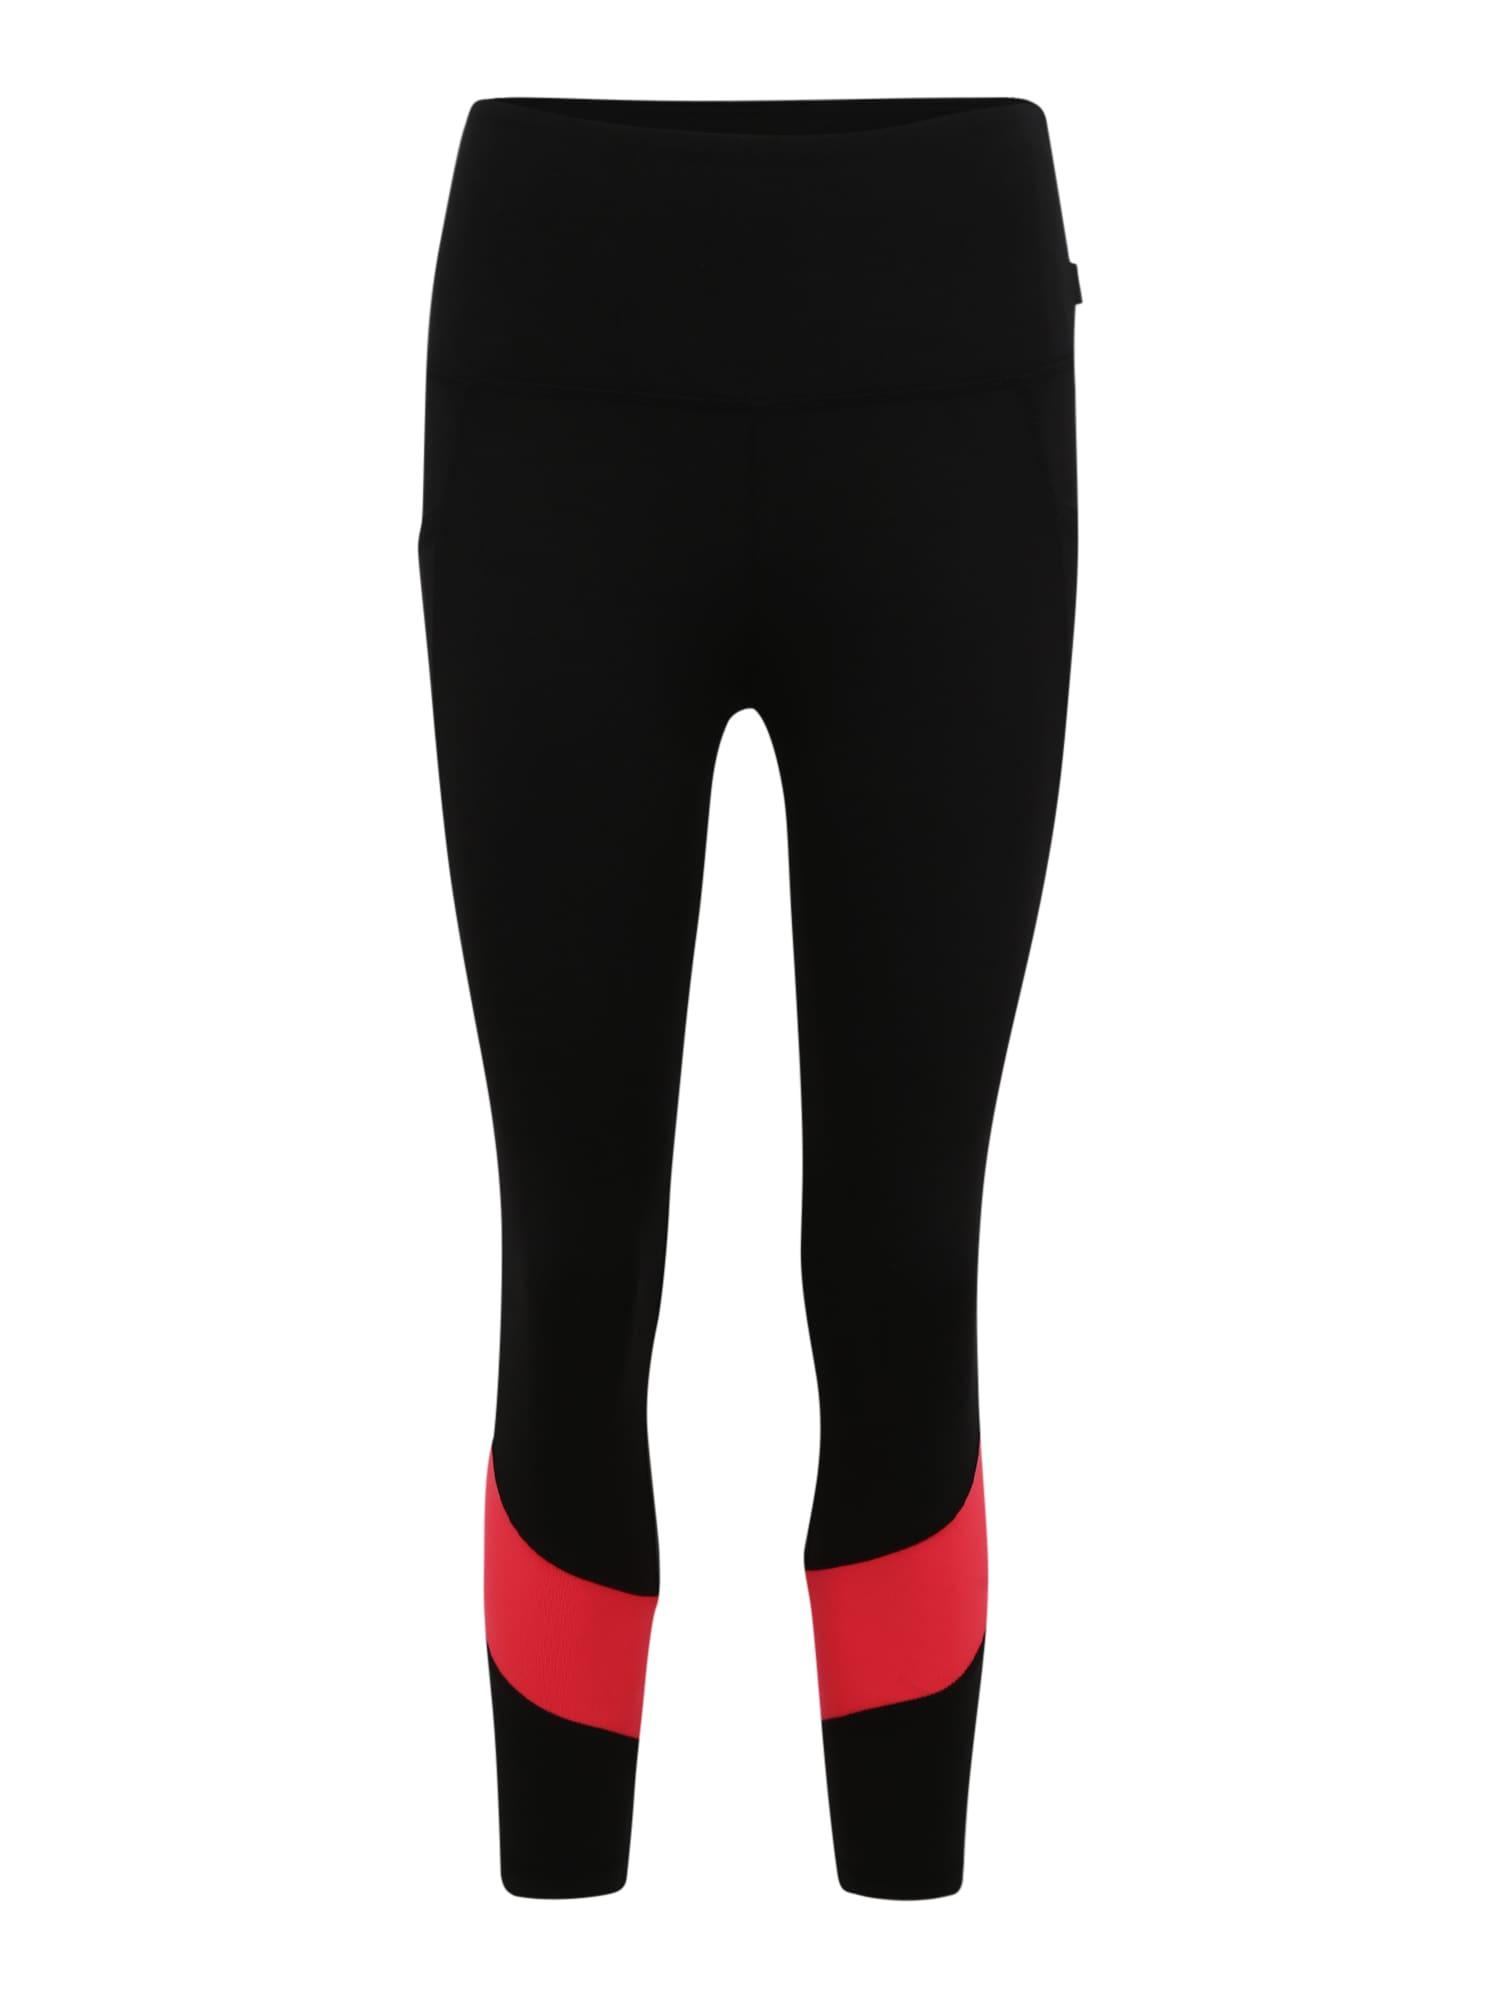 Sportovní kalhoty NELLIE MID CALF korálová černá Marika